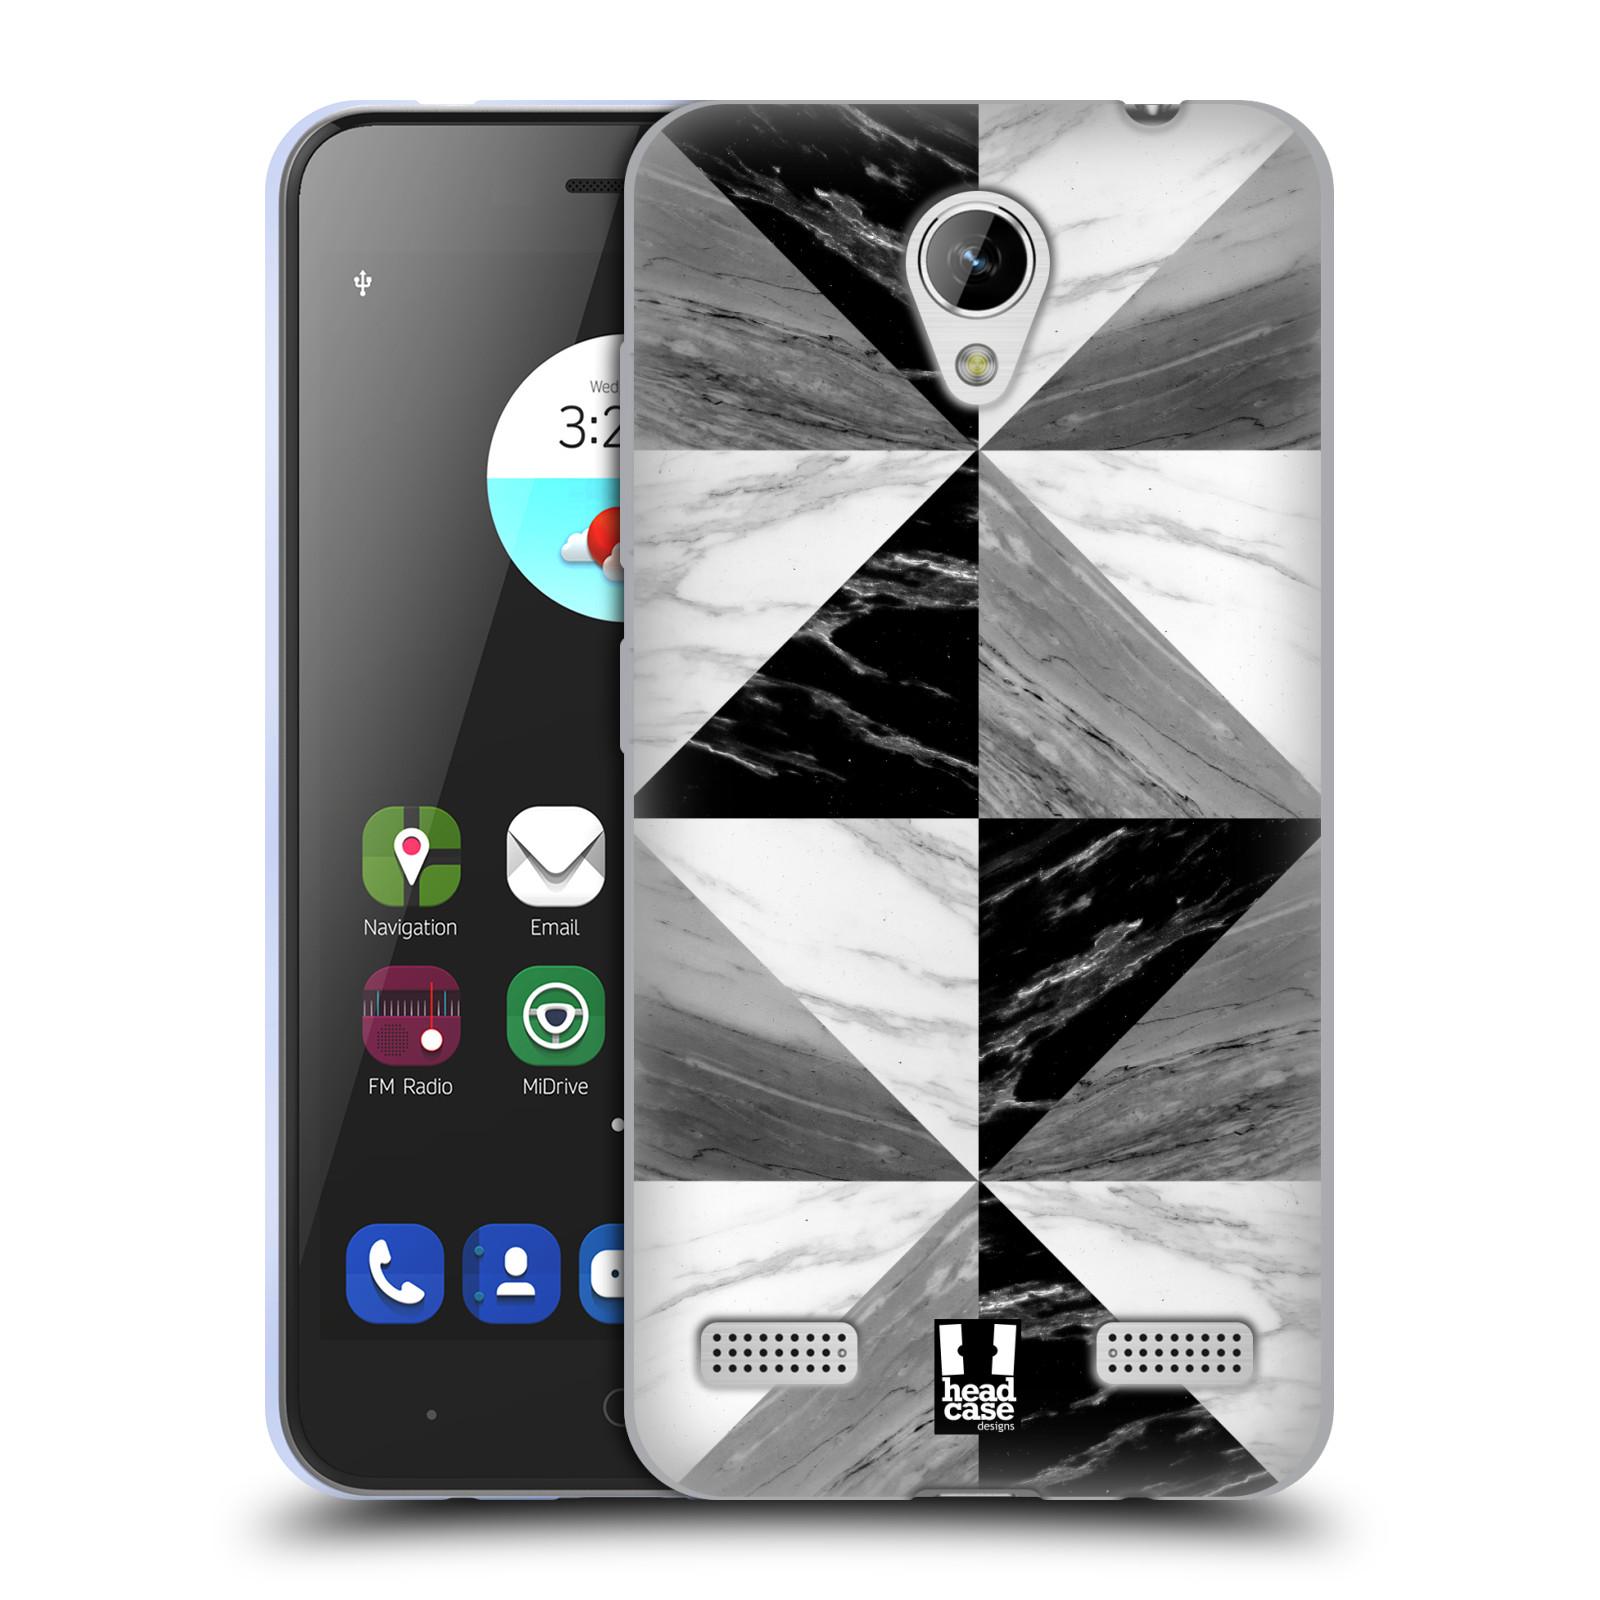 Silikonové pouzdro na mobil ZTE Blade A520 - Head Case - Mramor triangl b853926bf2d